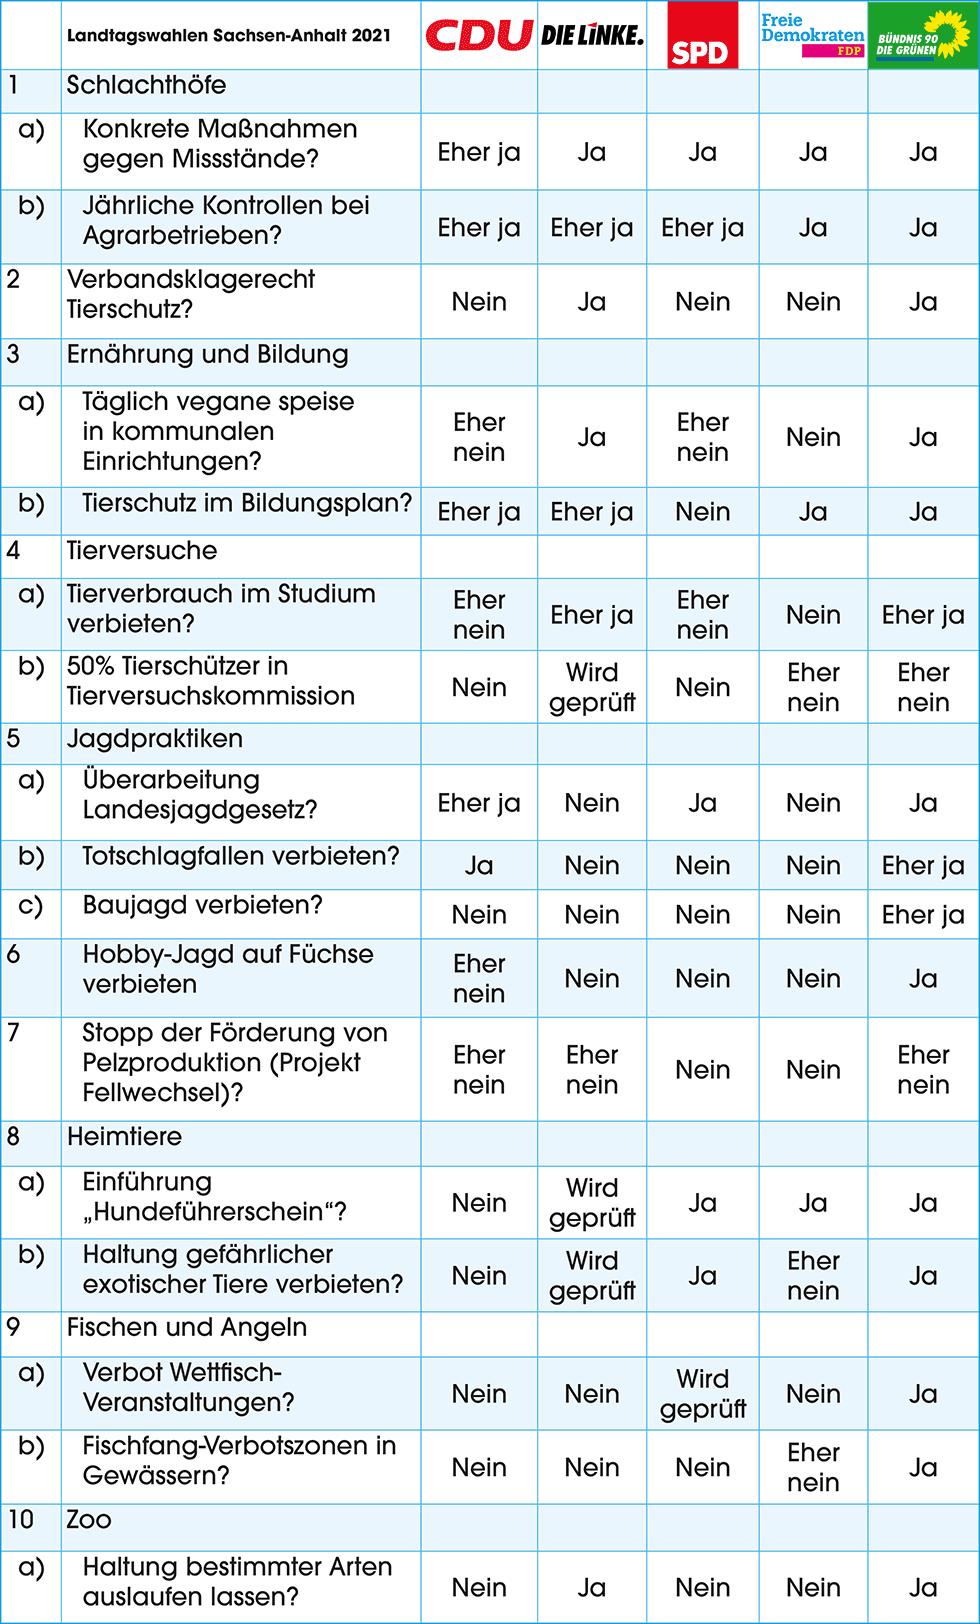 Tabelle Tierschutz-Wahlprüfsteine für Landtagswahlen Sachsen-Anhalt 2021